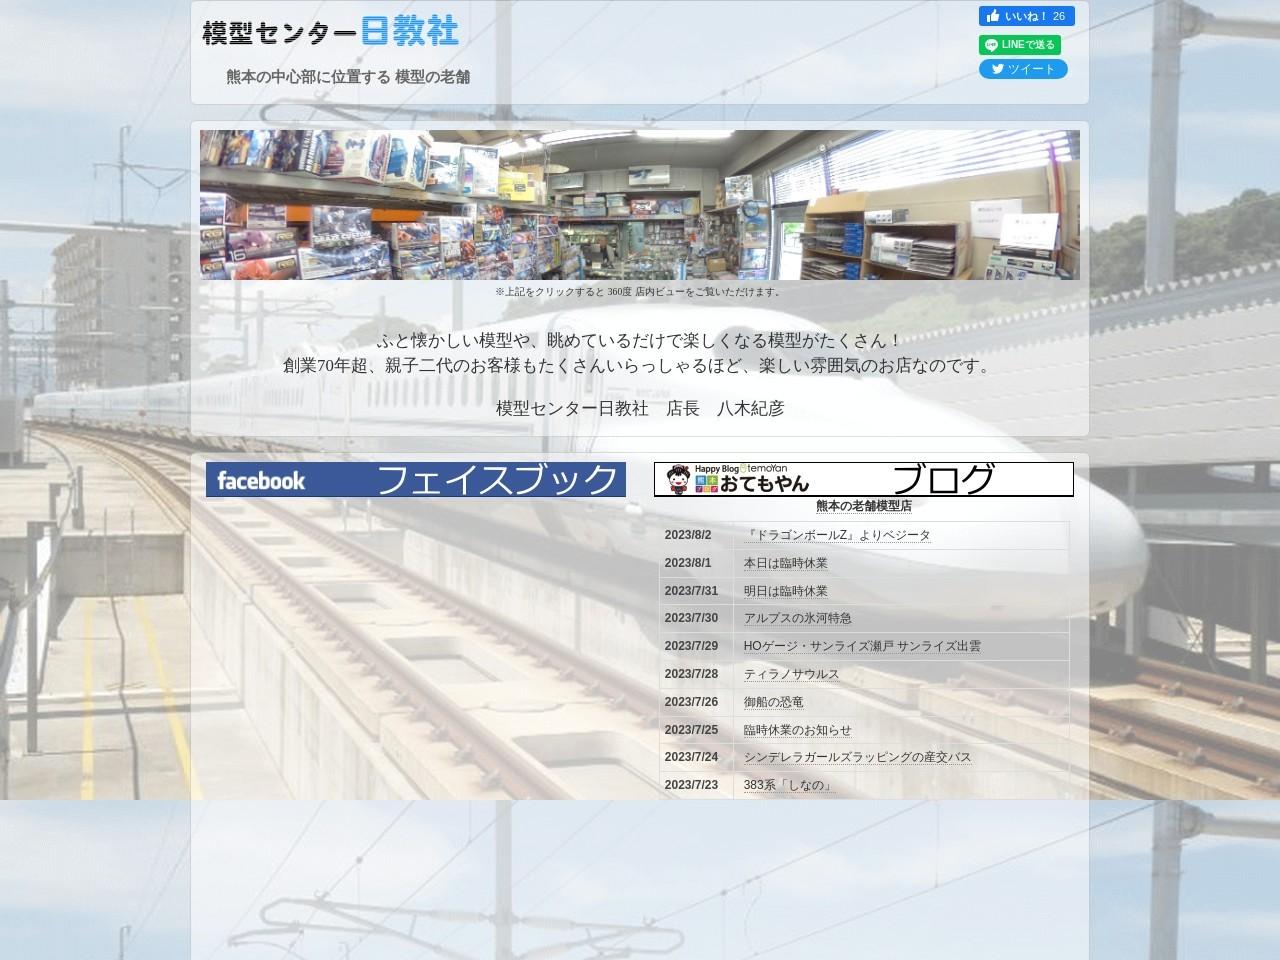 熊本の老舗模型店 | 模型センター日教社